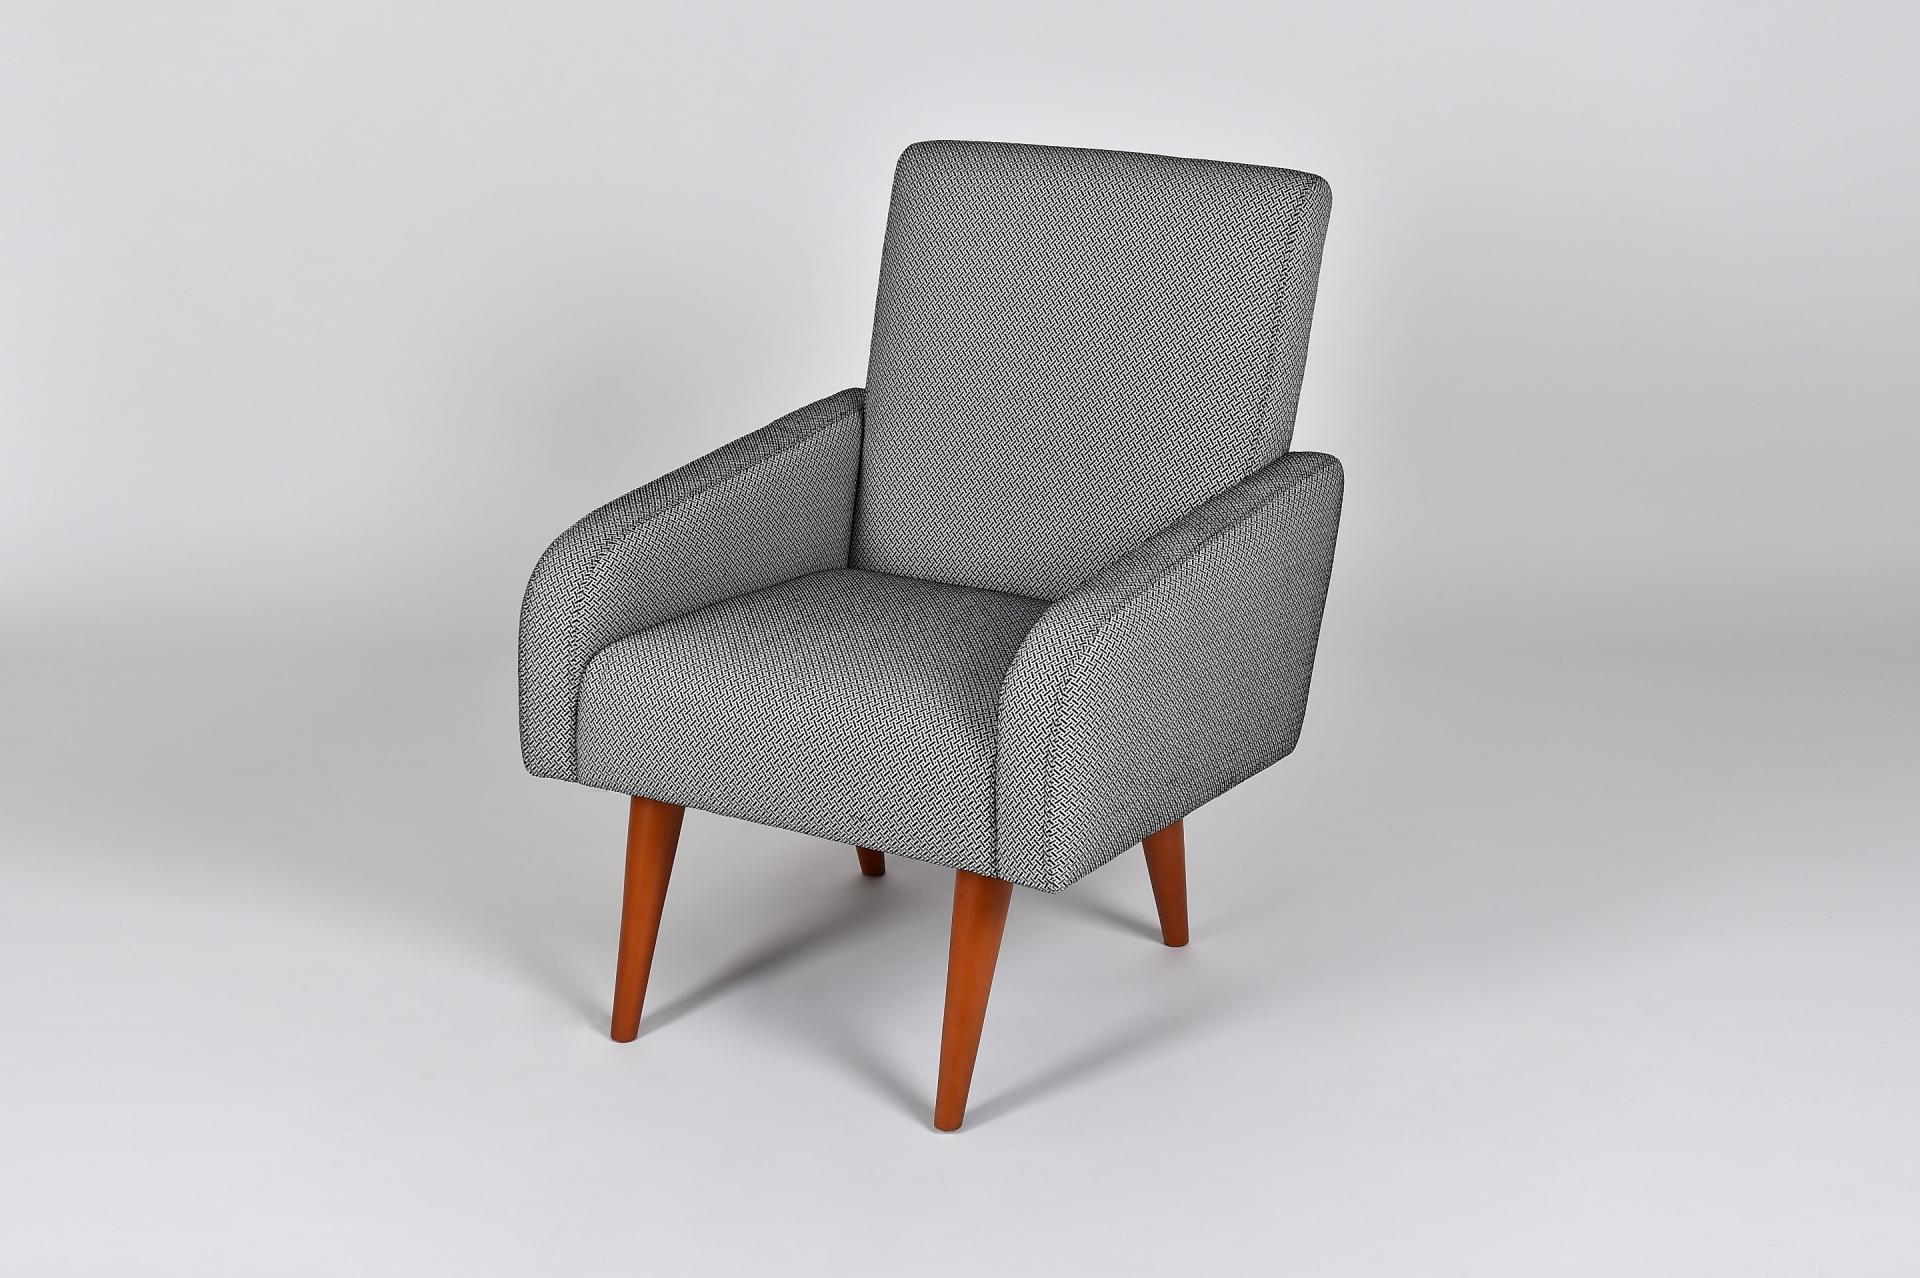 Fauteuil Retro Design.Fauteuil Retro Gris Mi Furniture